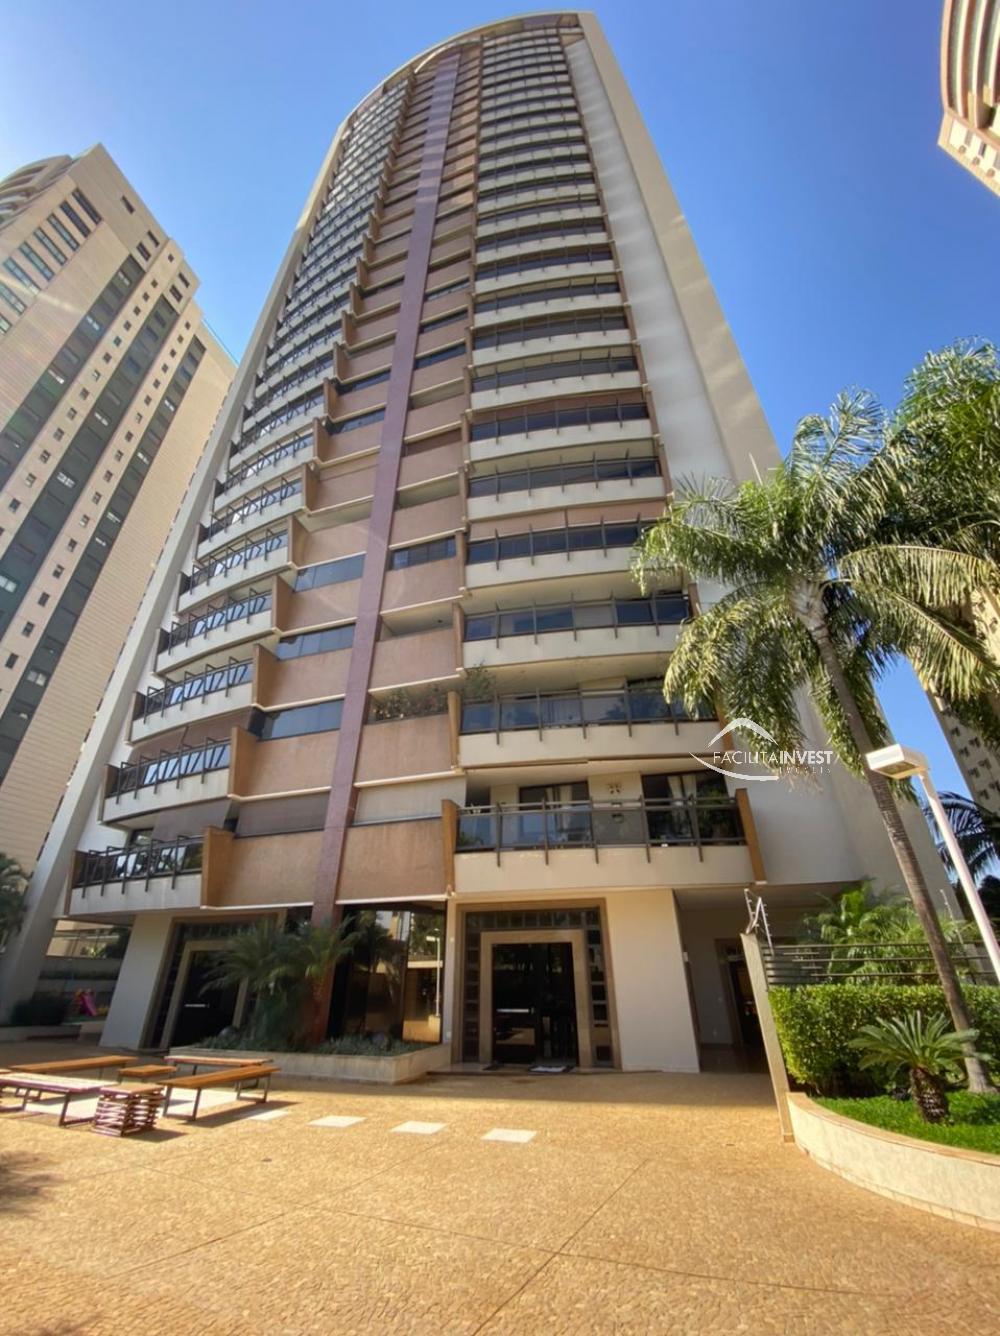 Comprar Apartamentos / Apart. Padrão em Ribeirão Preto R$ 1.400.000,00 - Foto 2